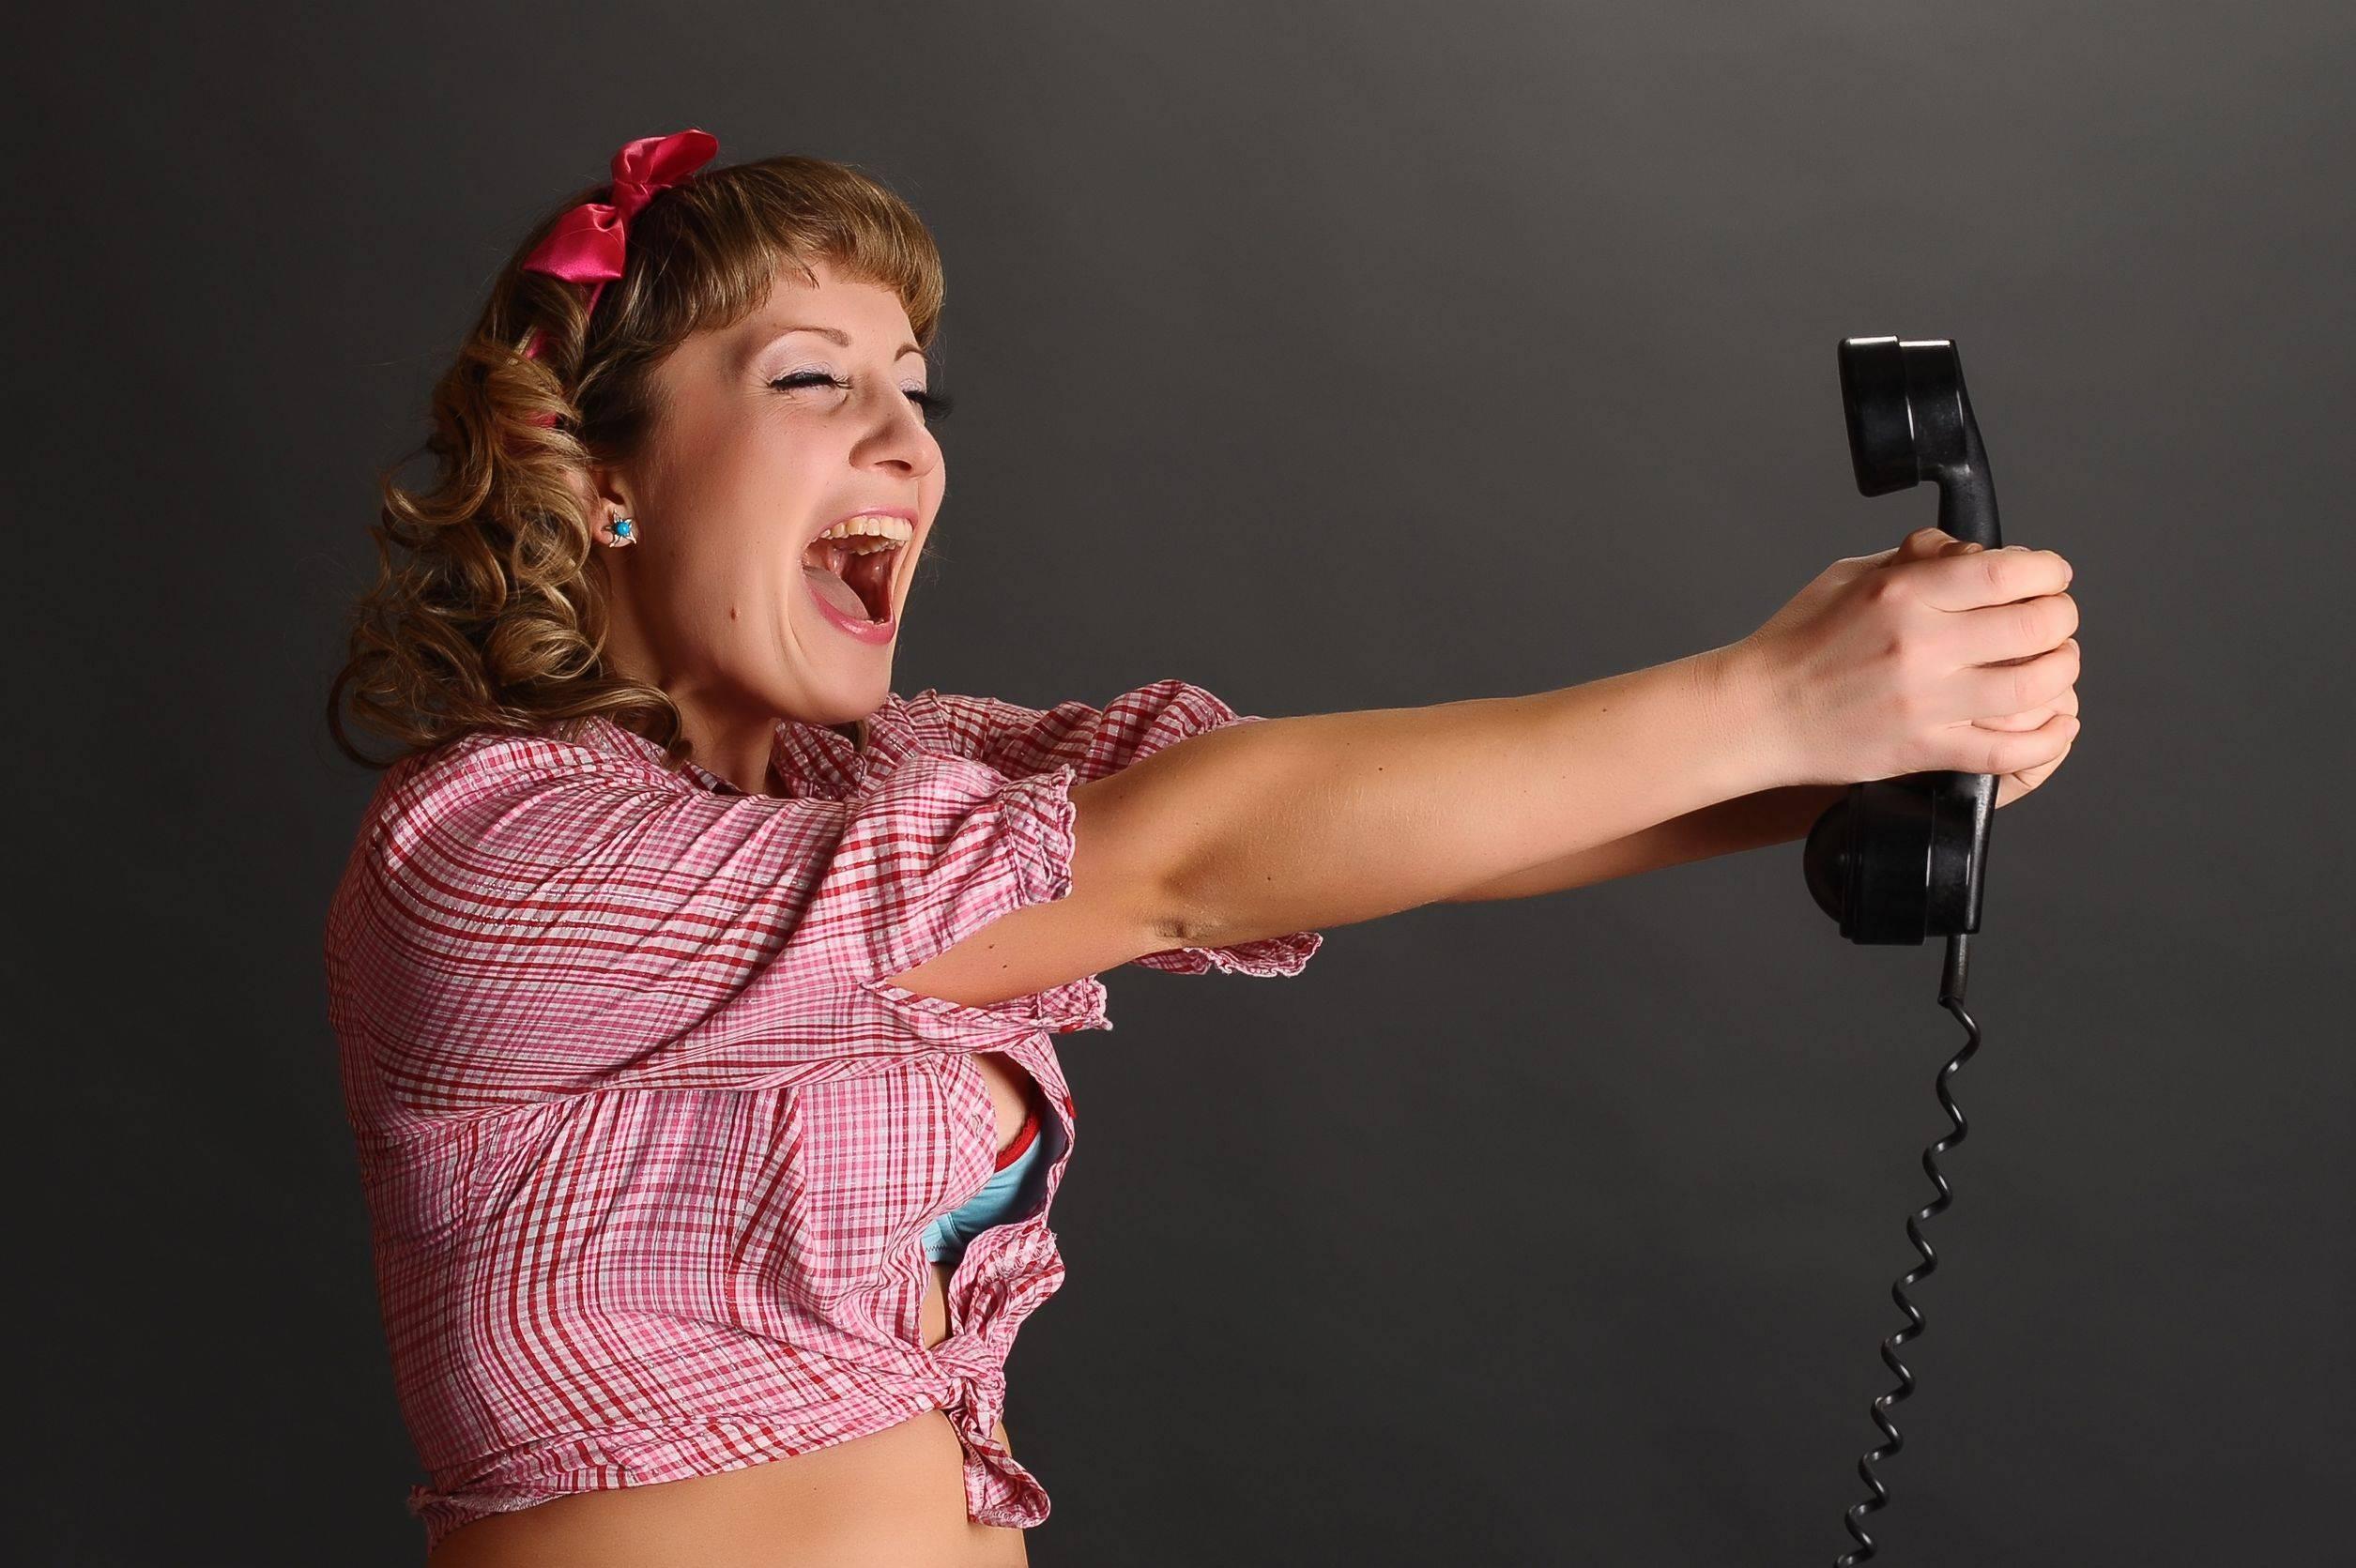 Disservizio linea telefonica